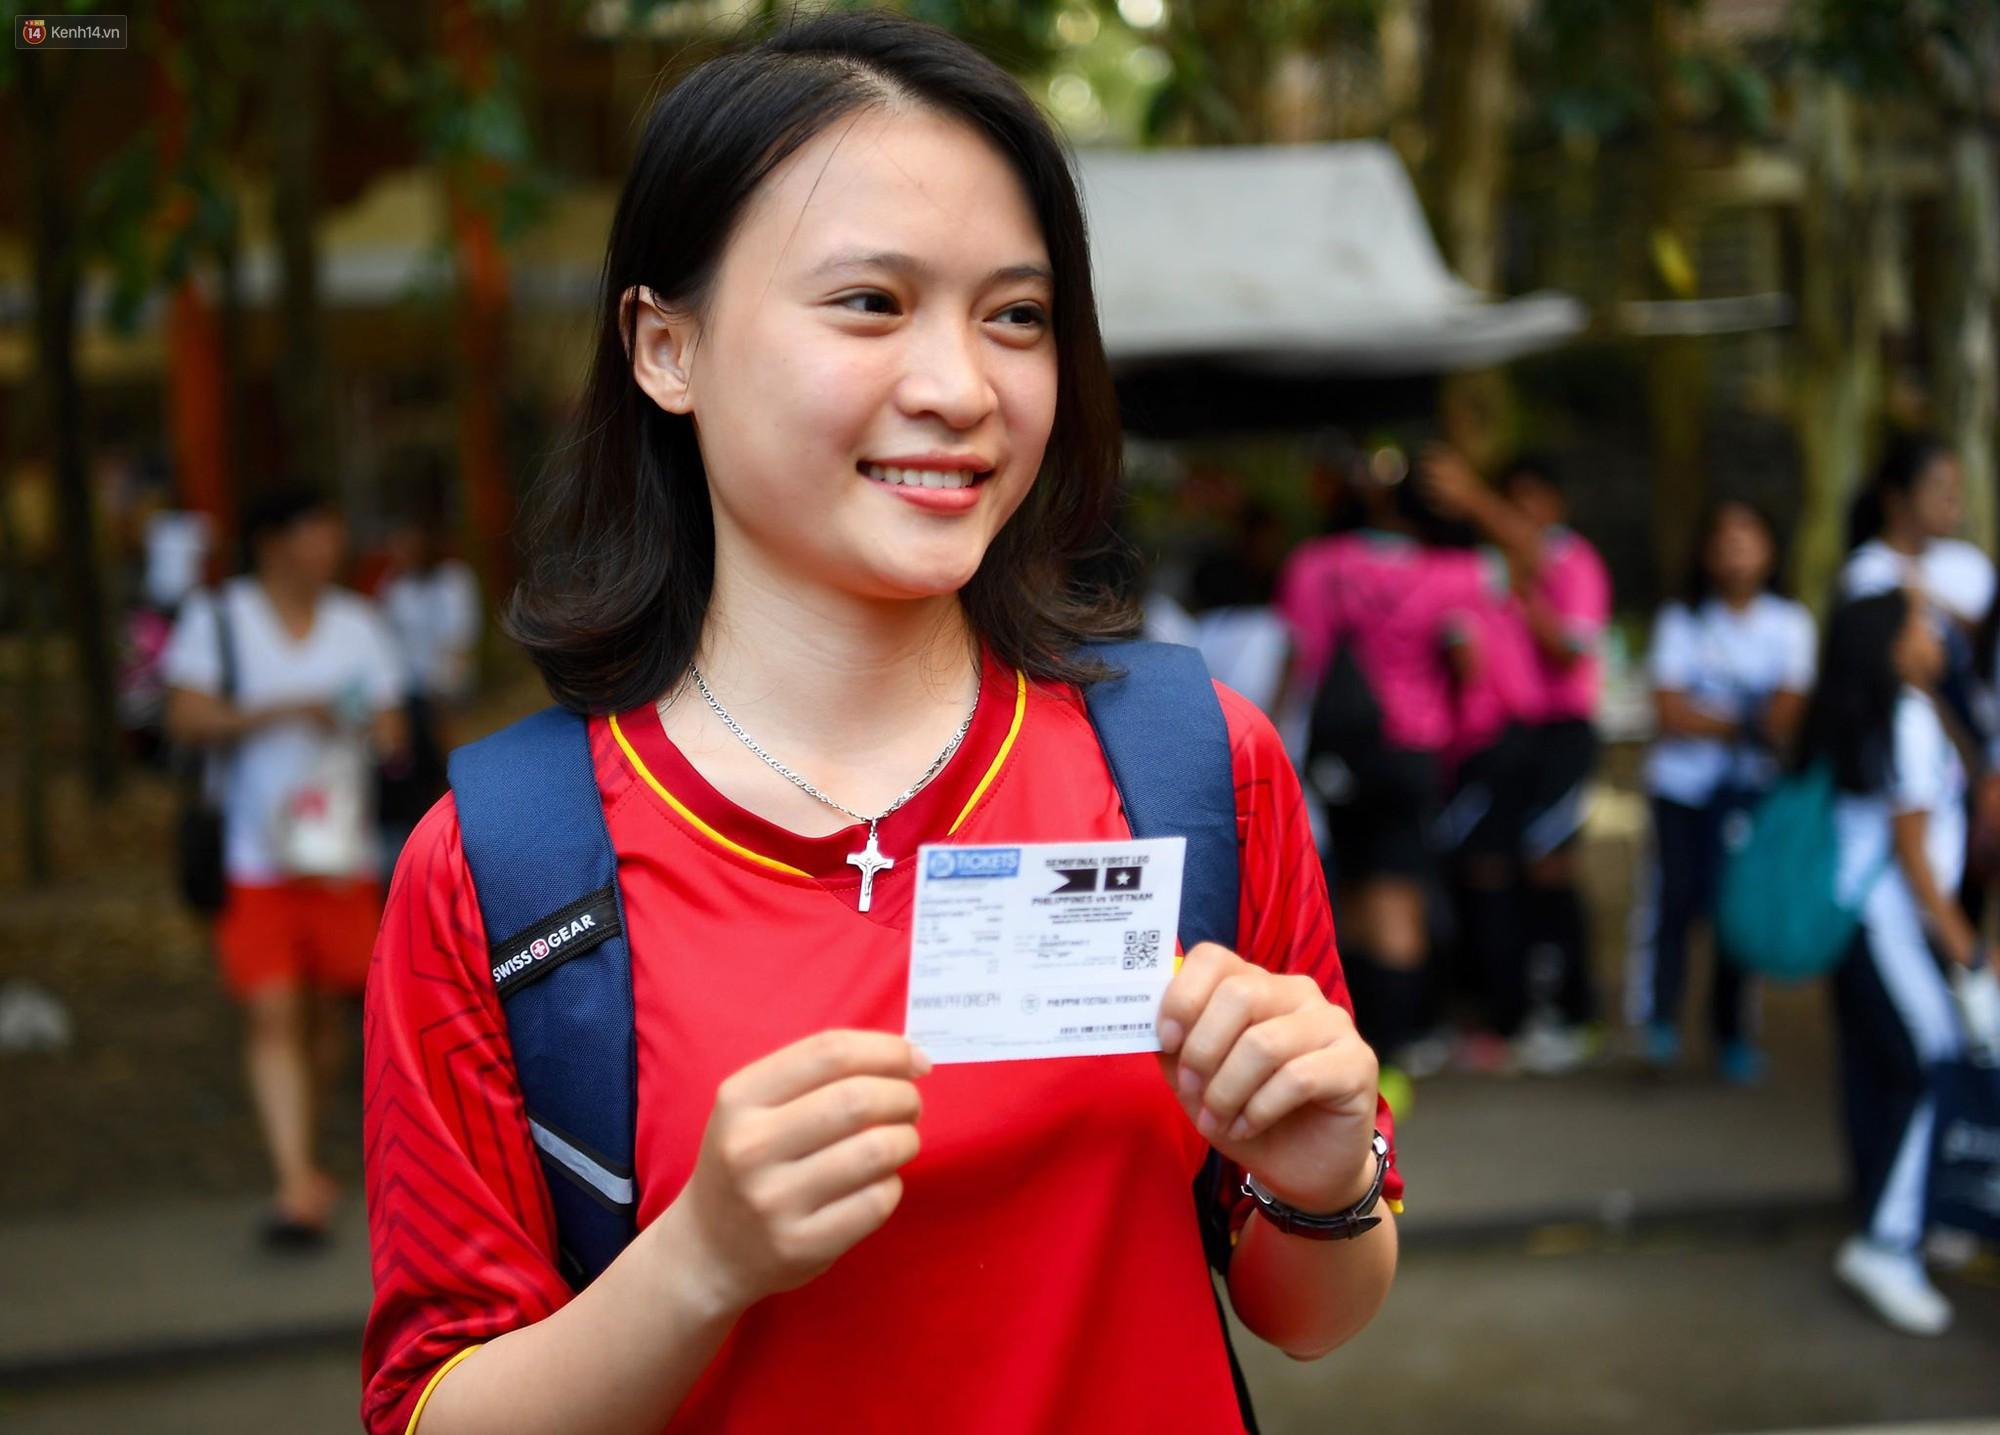 Những CĐV nữ xinh đẹp khiến trận bán kết lượt đi giữa ĐT Việt Nam - Philippines trở nên sôi động hơn bao giờ hết-10